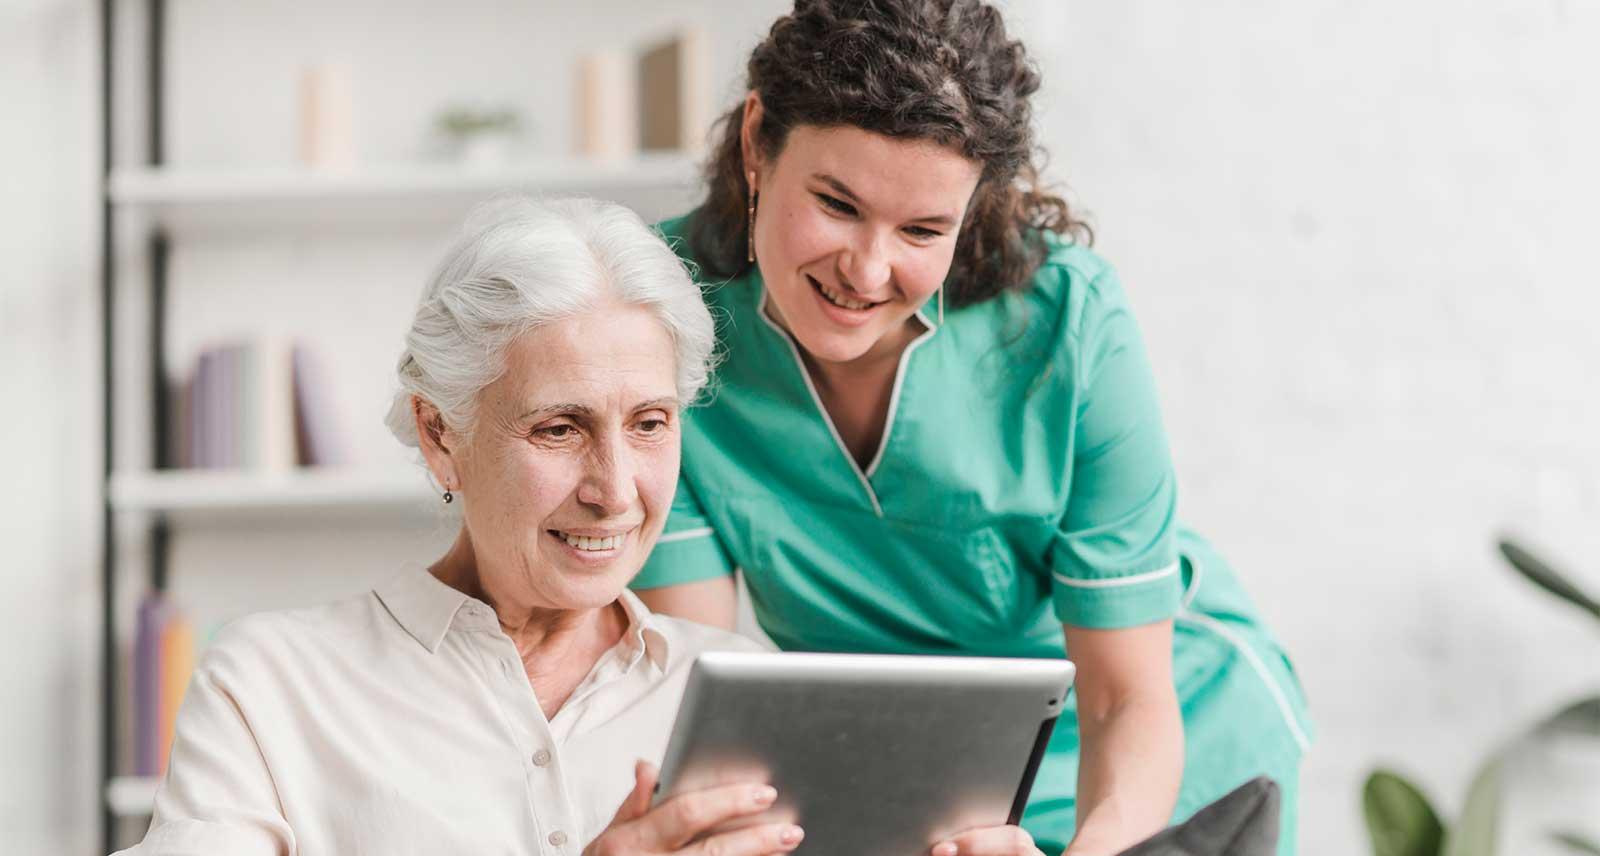 """Medicina: Pacientes en tiempos de Internet """"buscando salud"""""""